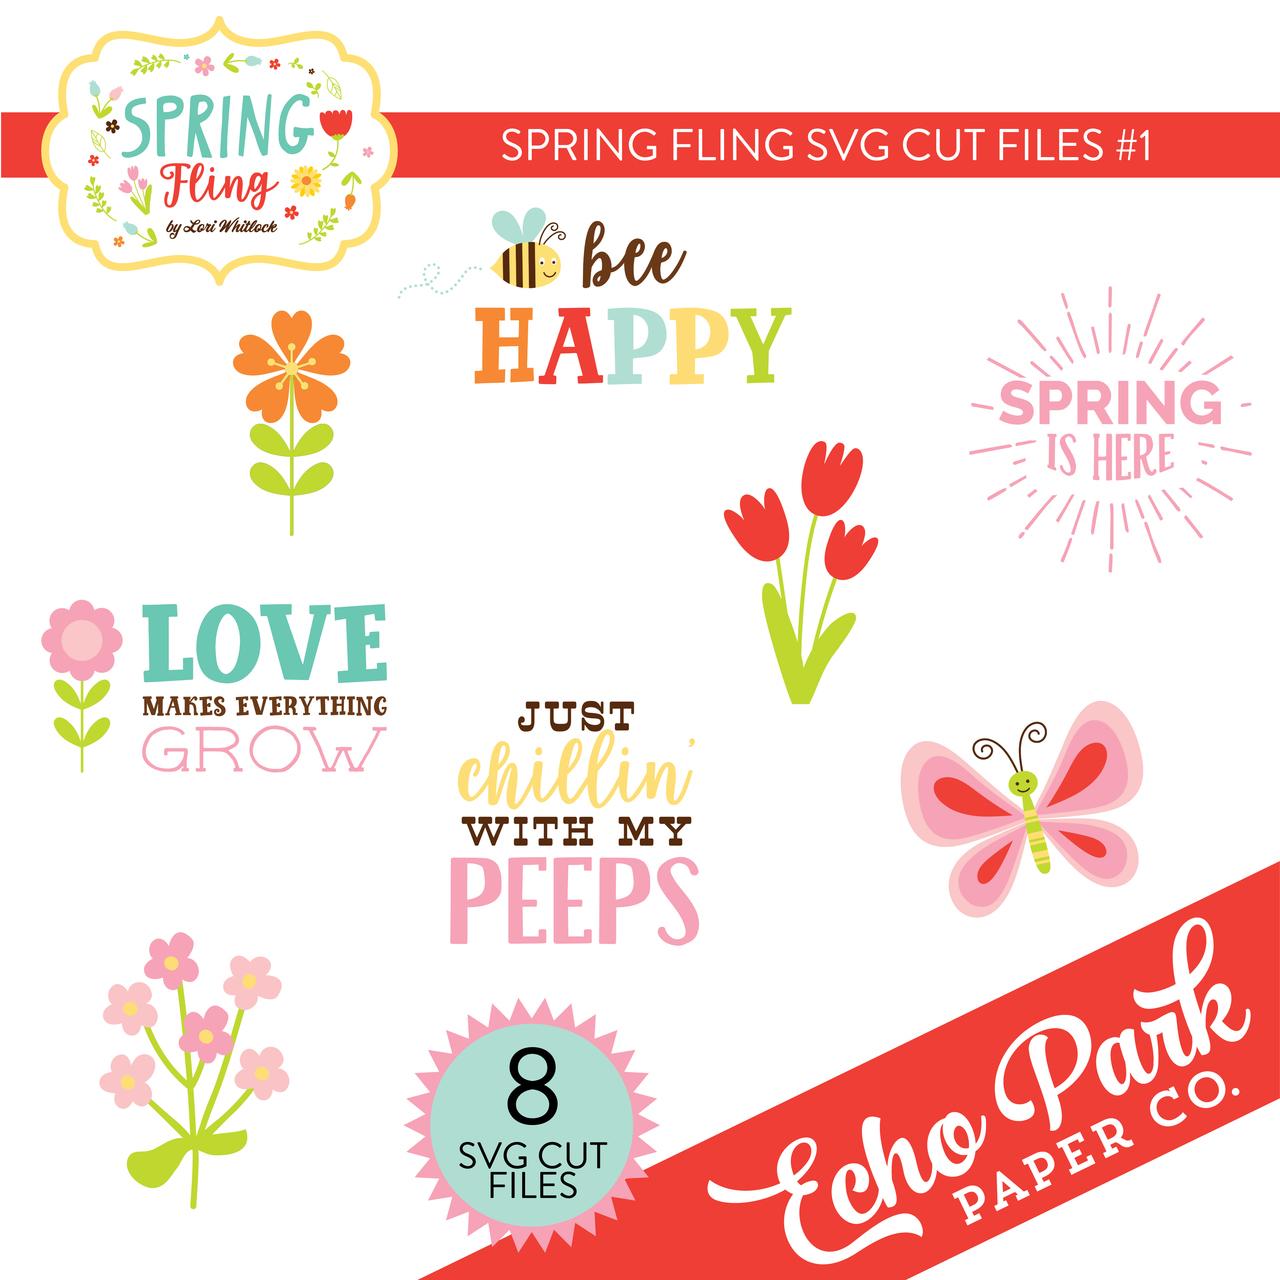 Spring Fling SVG Cut Files #1